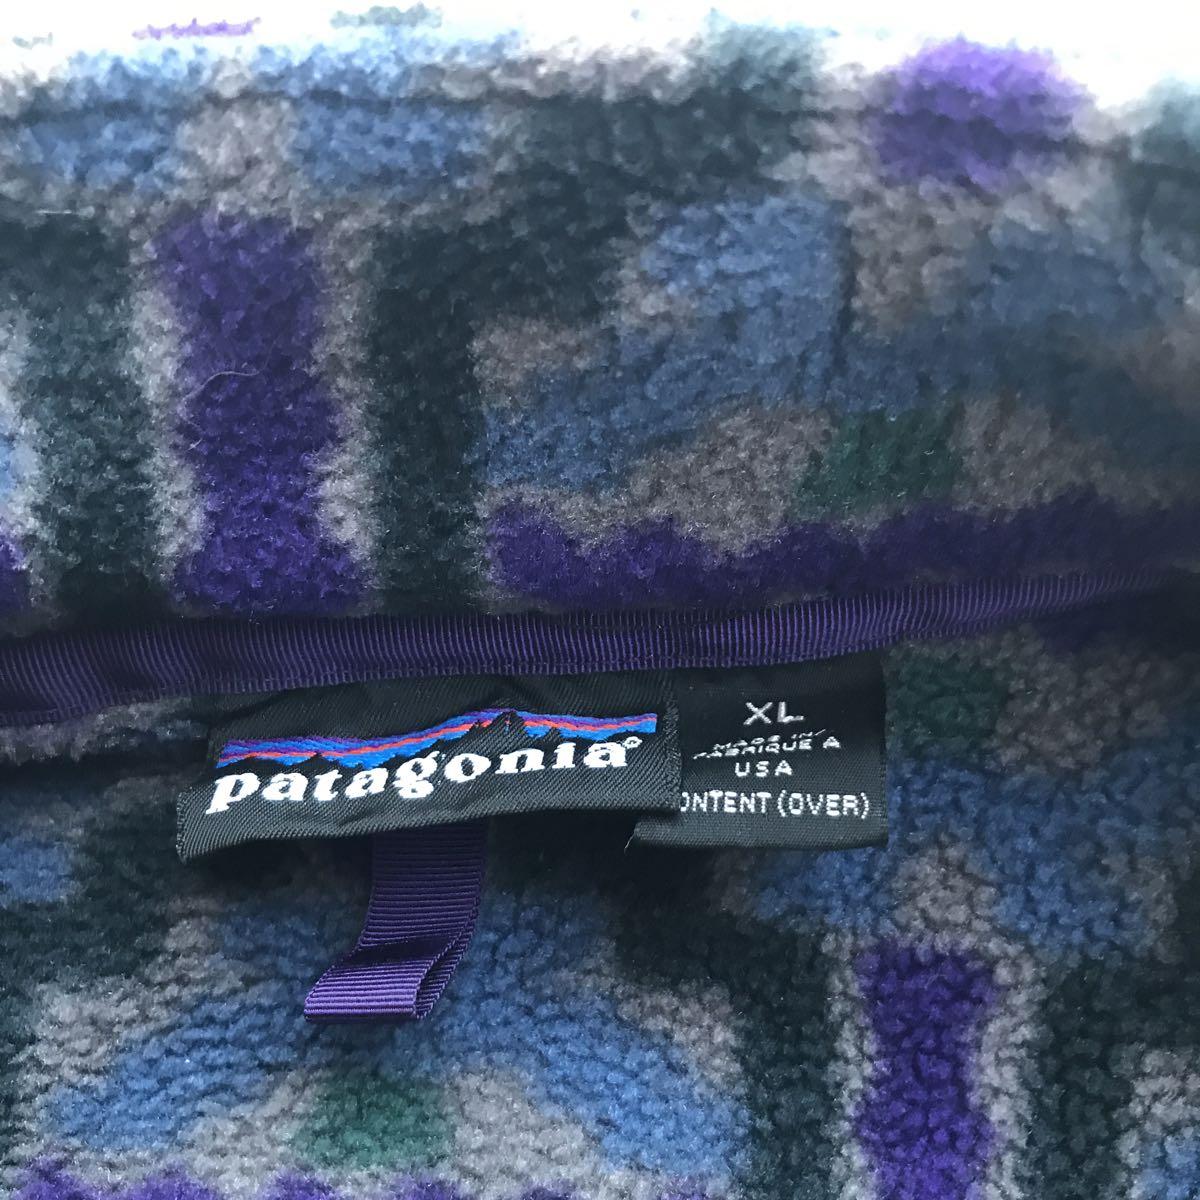 【雪無し】パタゴニア patagonia プリンテッド シンチラ スナップT 93年USA製 サイズ XL テウルチェ/グレー柄 検 レトロ ダス_画像4